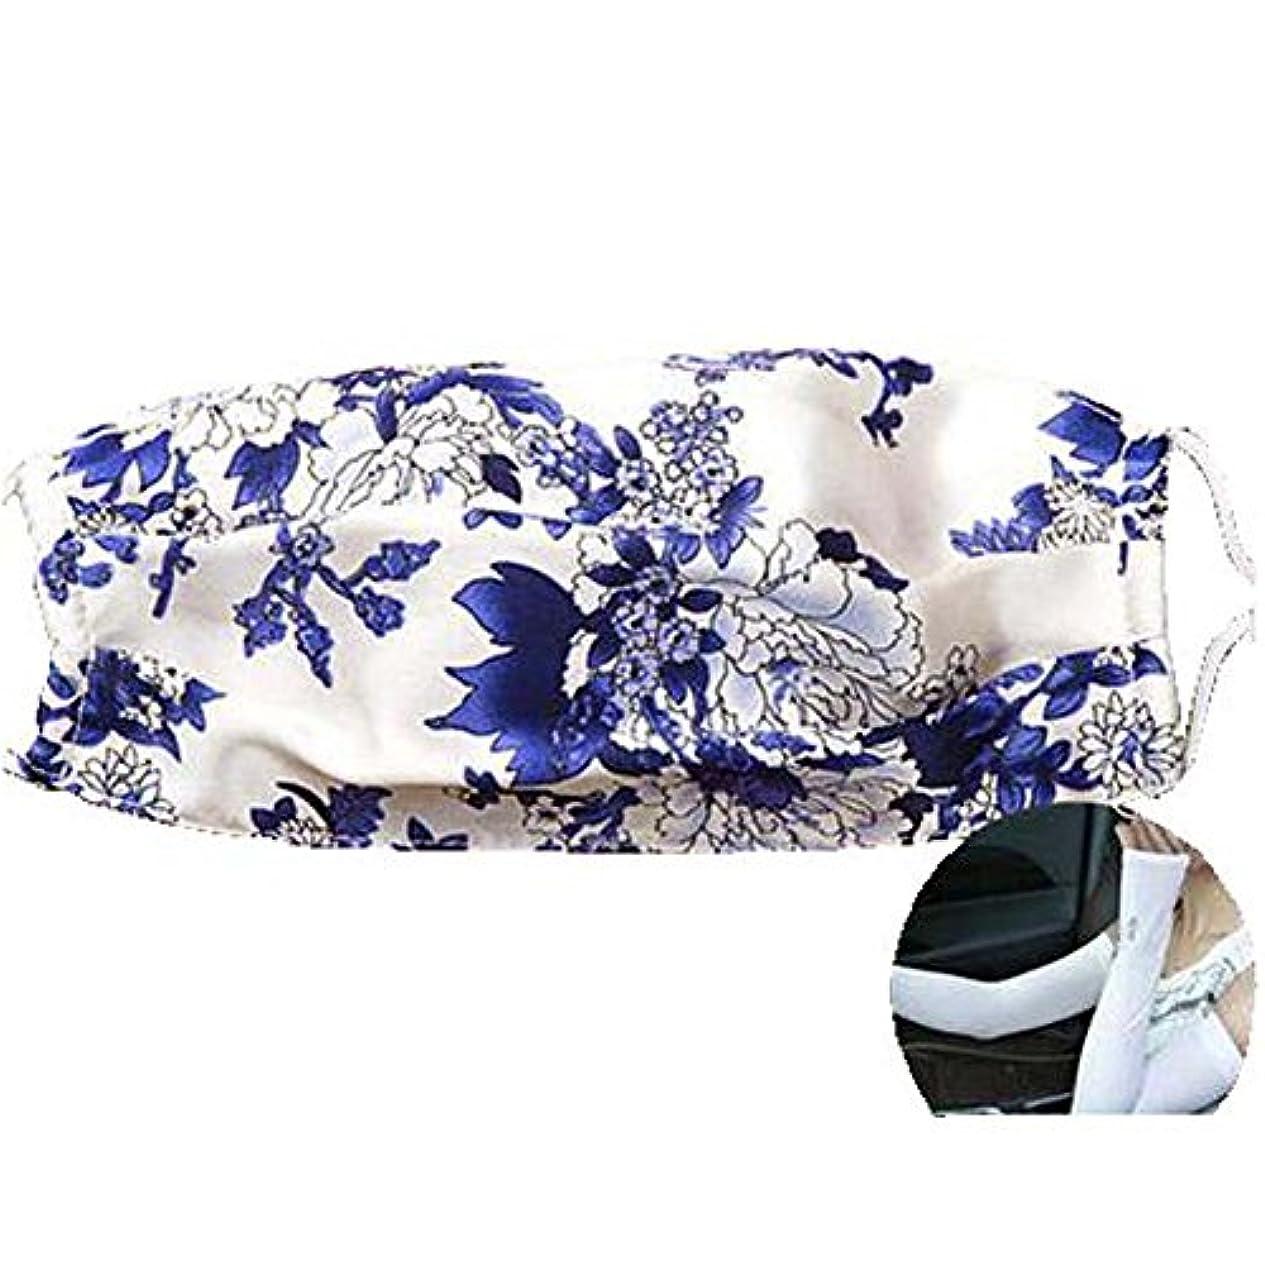 属性おしゃれなビスケット再使用可能な洗えるシルクダストマスク、流行マスク、シルクアームスリーブ